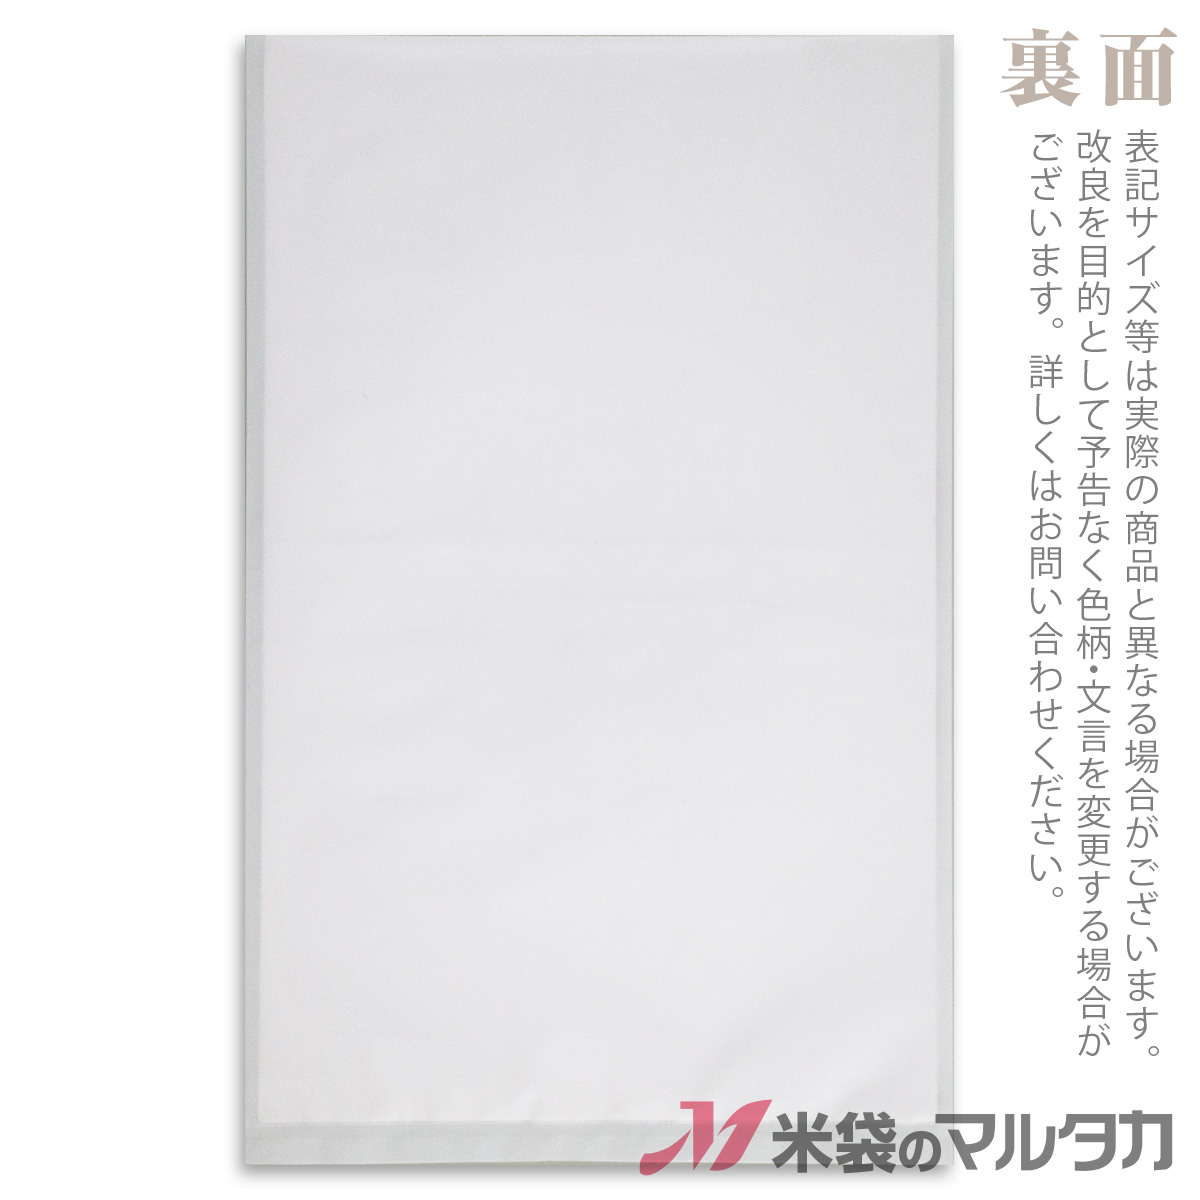 <キャンペーン対応> 米袋 バイオマスポリ マイクロドット ひとめぼれ 花きらり 5kg用 1ケース(500枚入) PE-1104